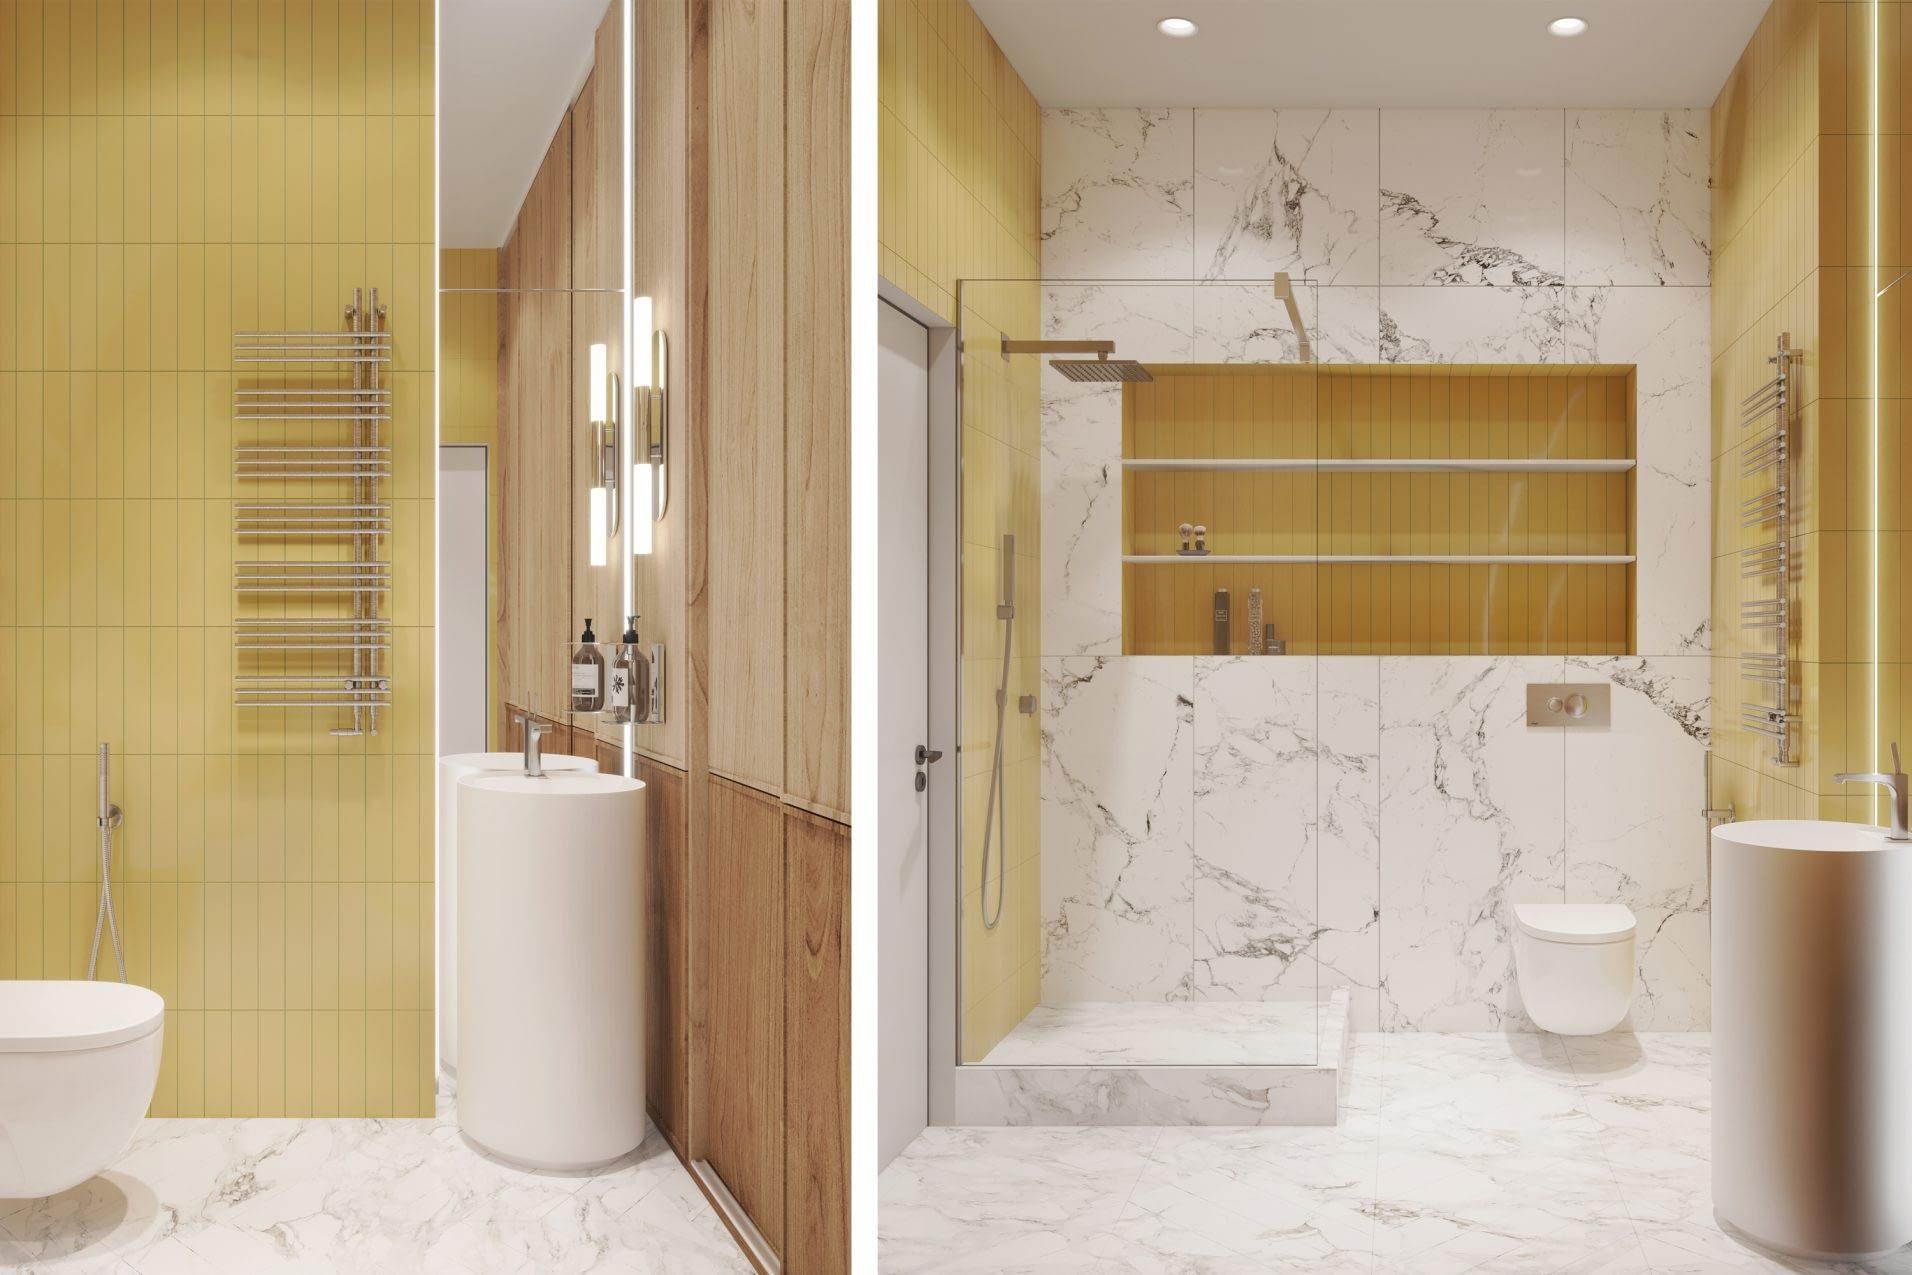 дизайн проект интерьера ванной в квартире в ЖК Риверстоун